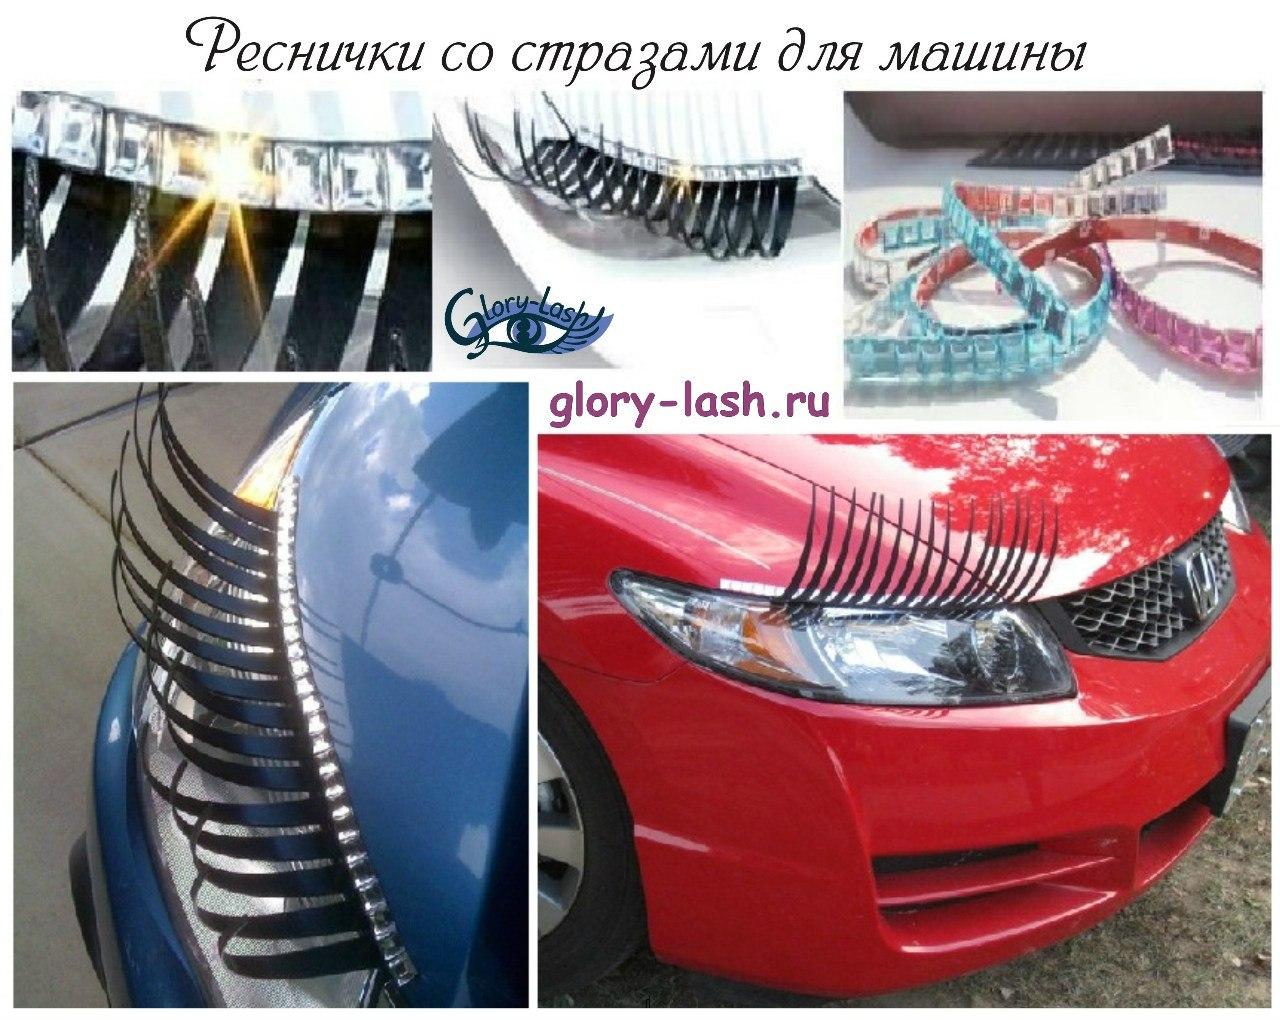 Как сделать реснички для машины